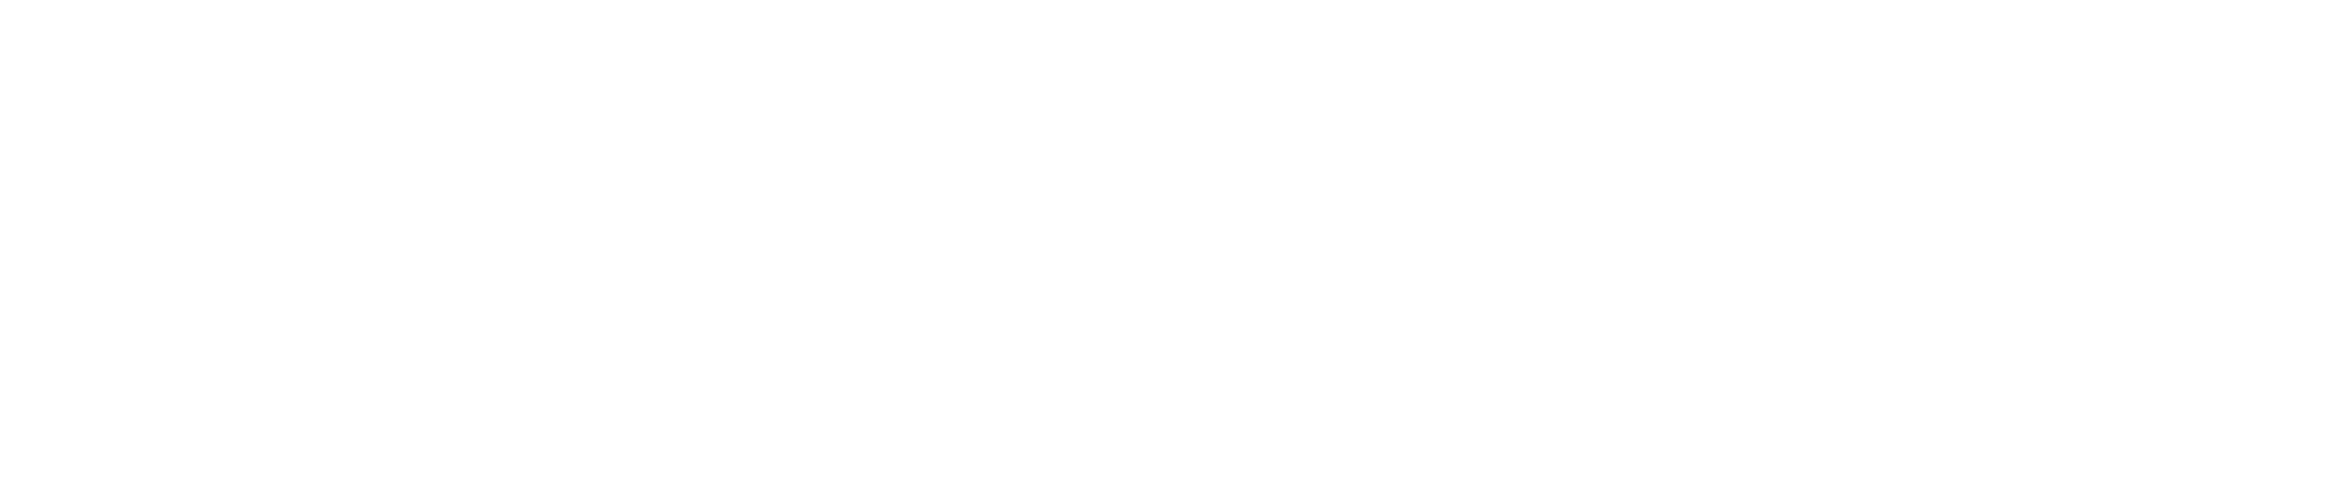 award_glassdoor-ratings@4x.png